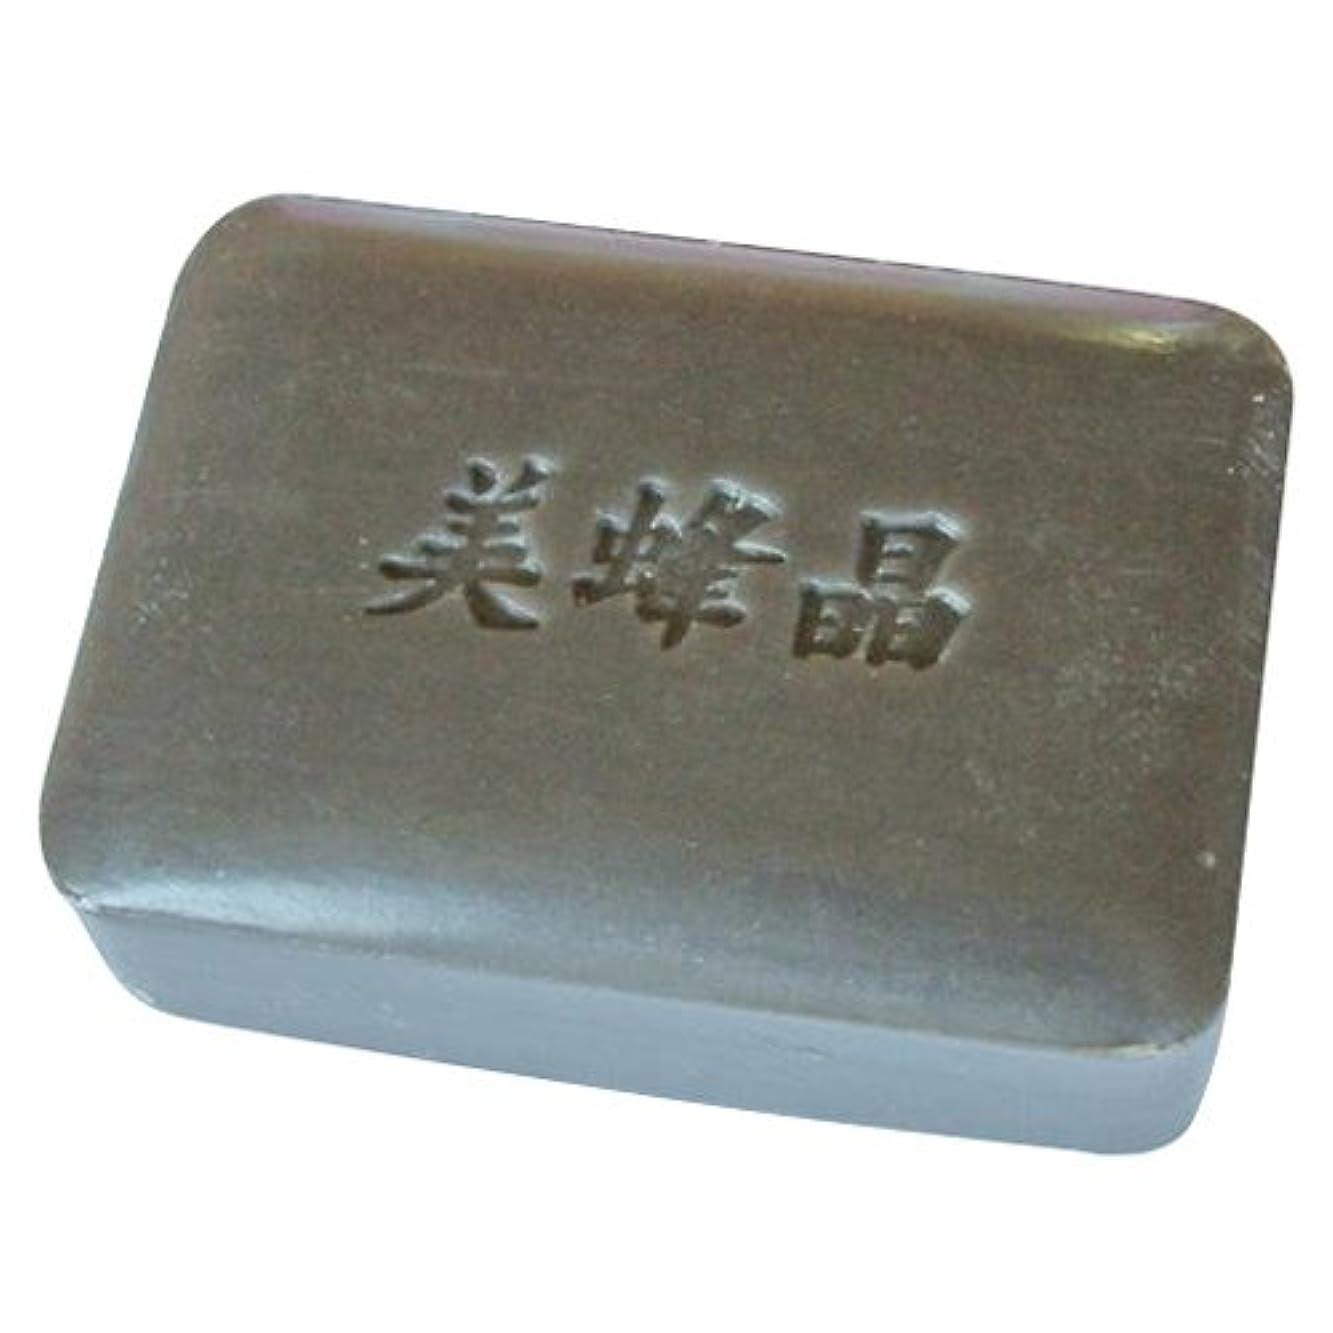 サラダカッター嫌がる鈴木養蜂場 プロポリス石鹸 美蜂晶100g 2個セット